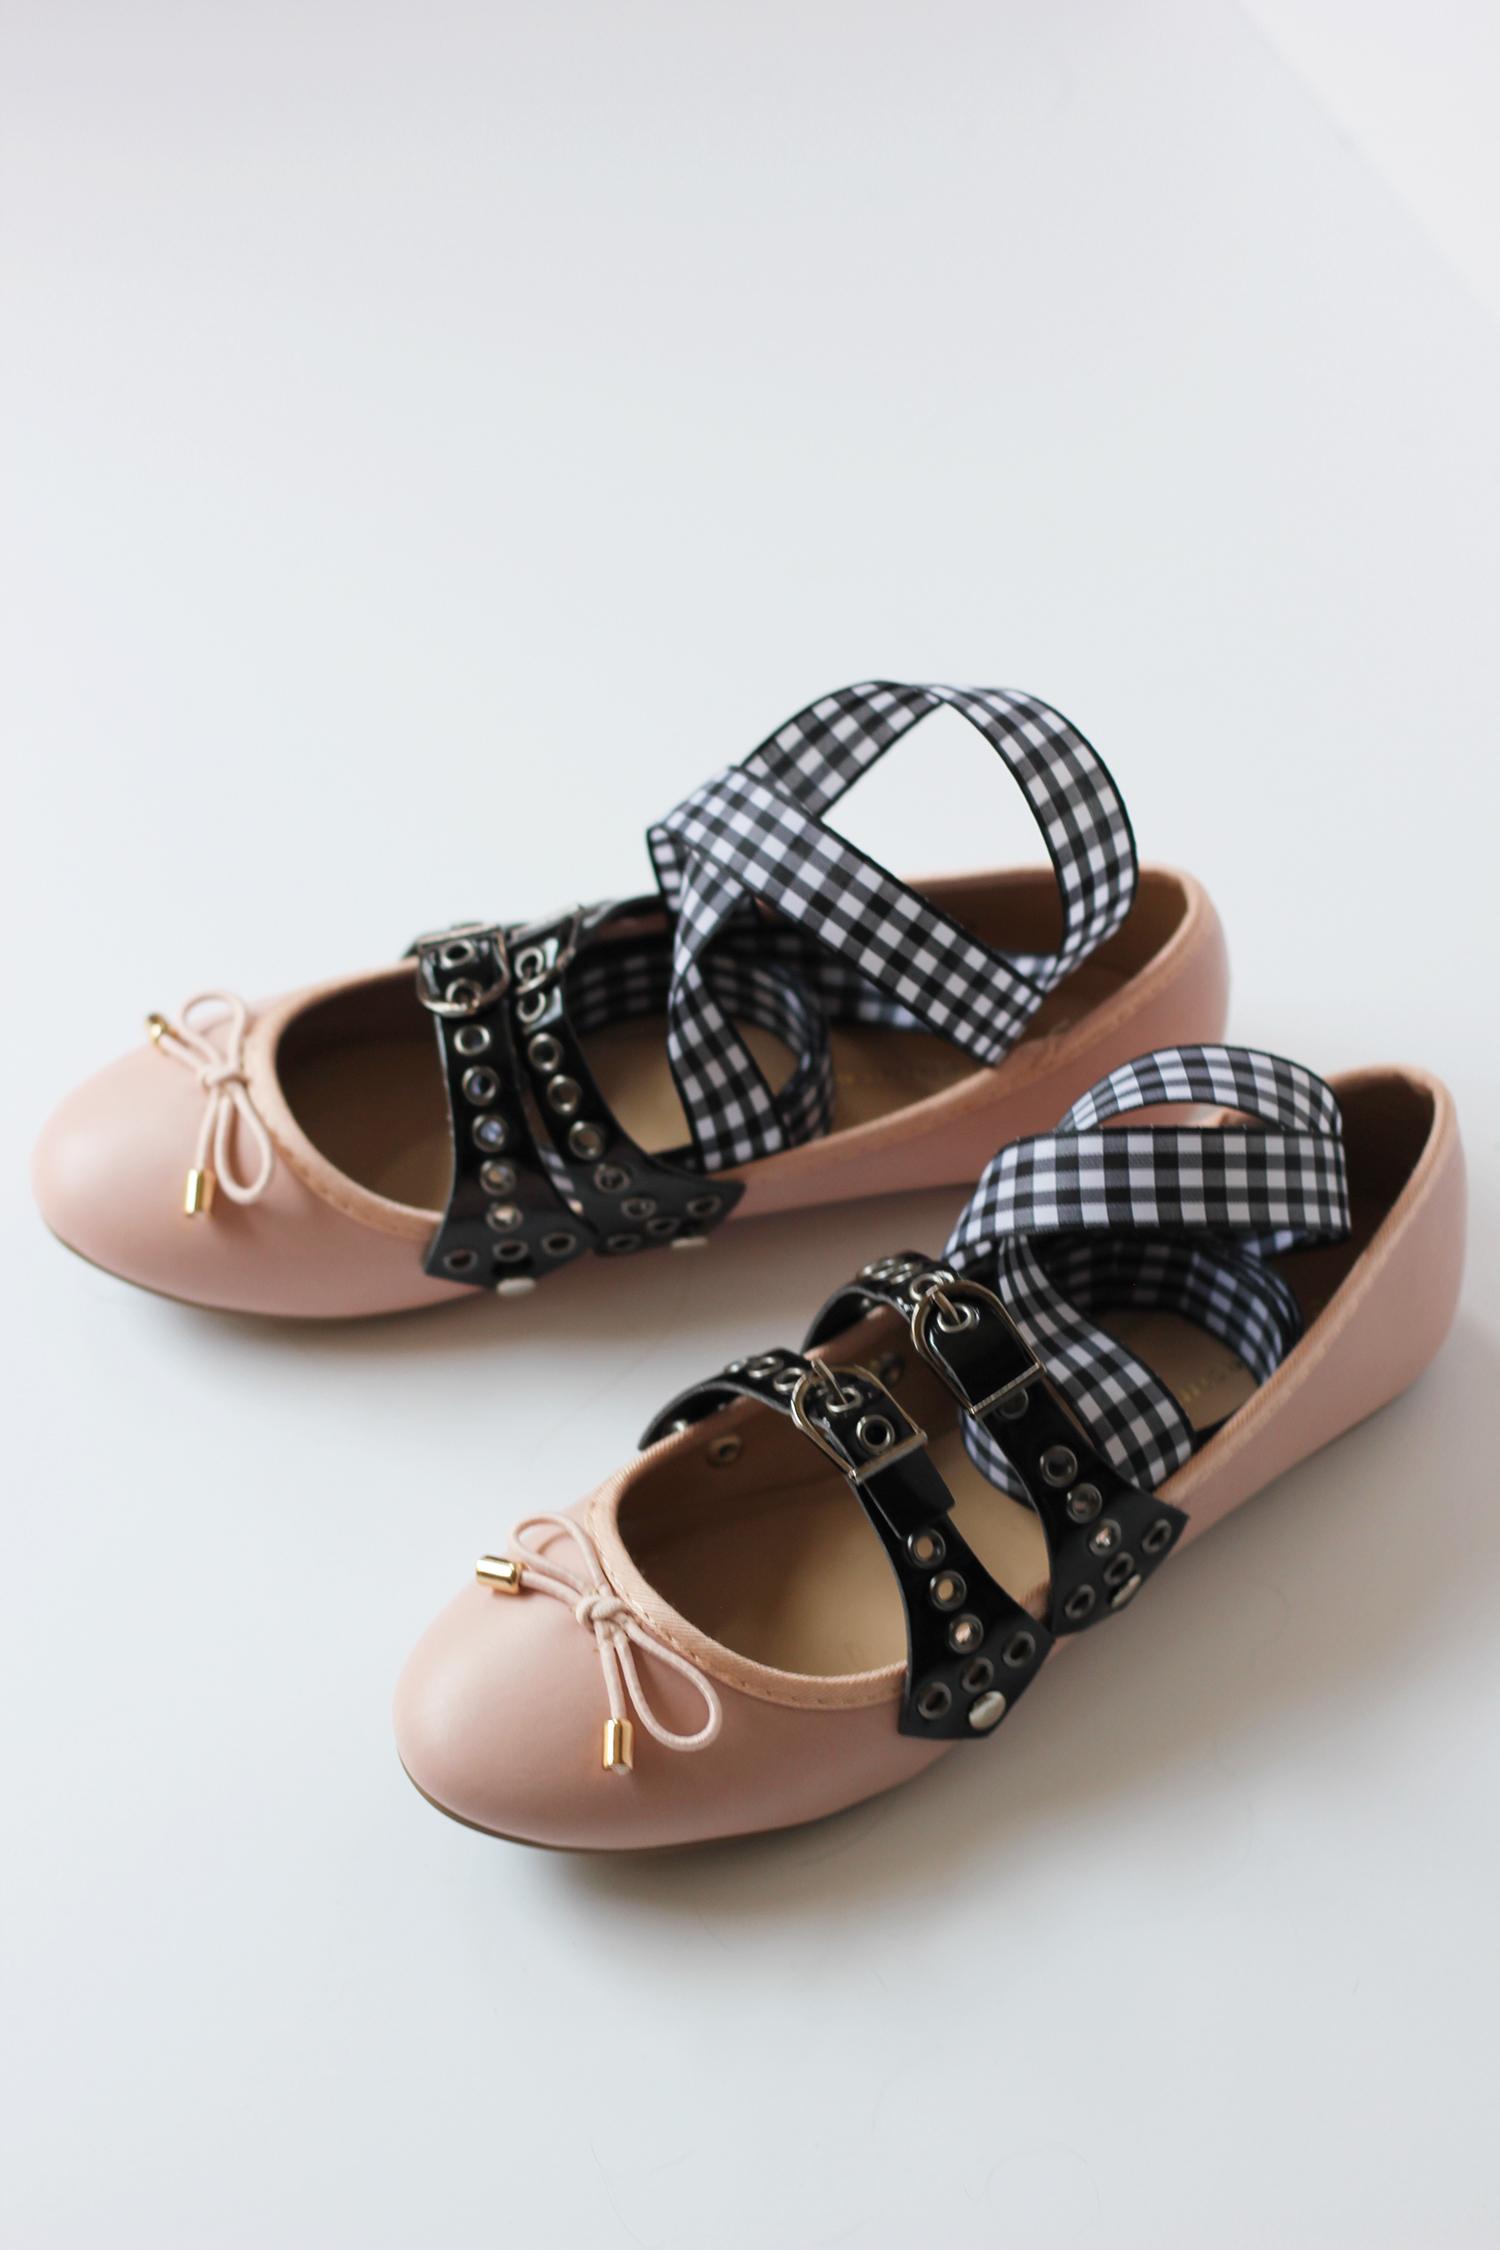 diy-discount-miu-miu-ribbon-ballet-flats-12